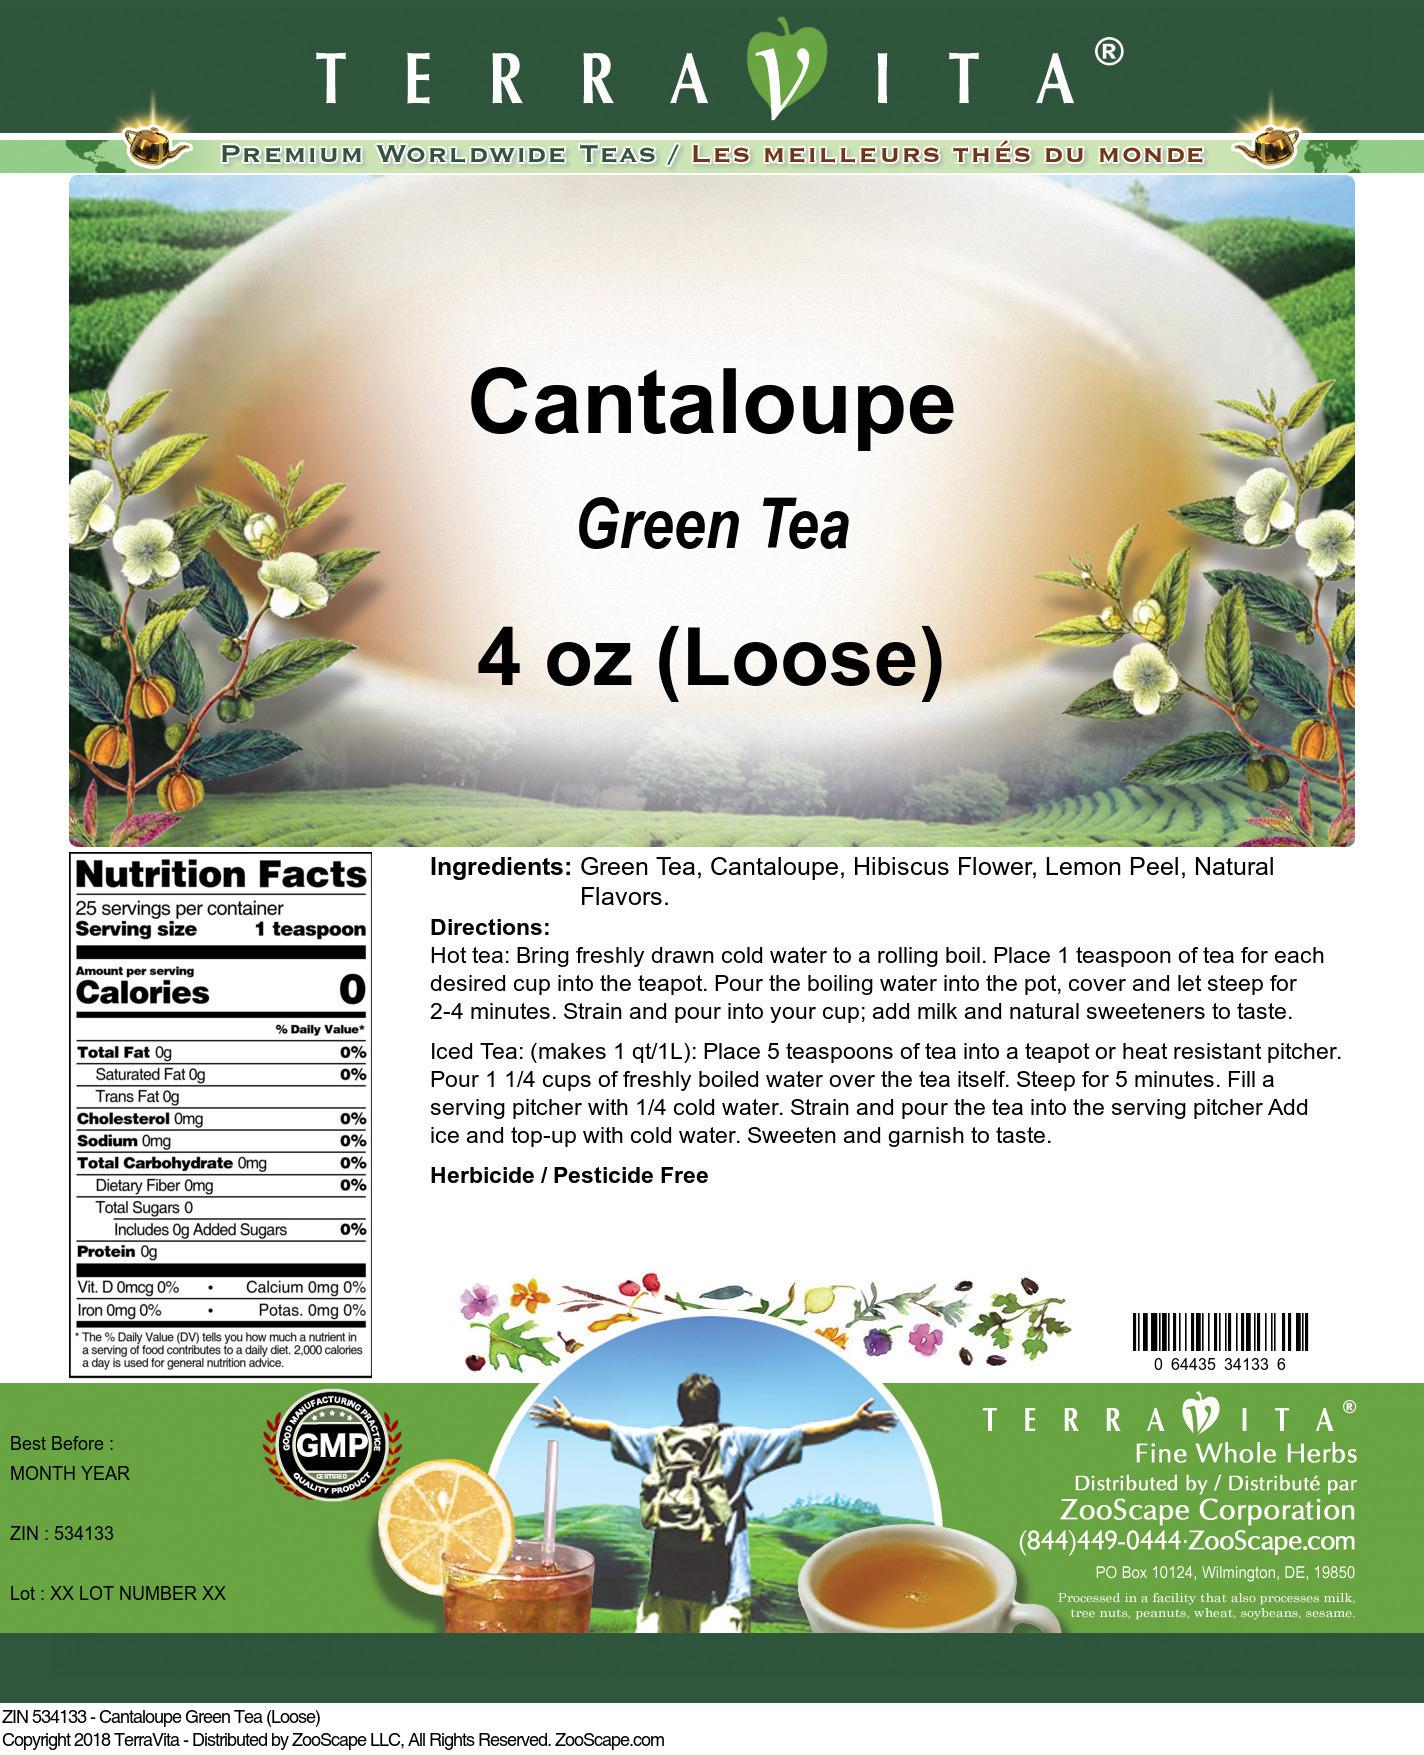 Cantaloupe Green Tea (Loose)